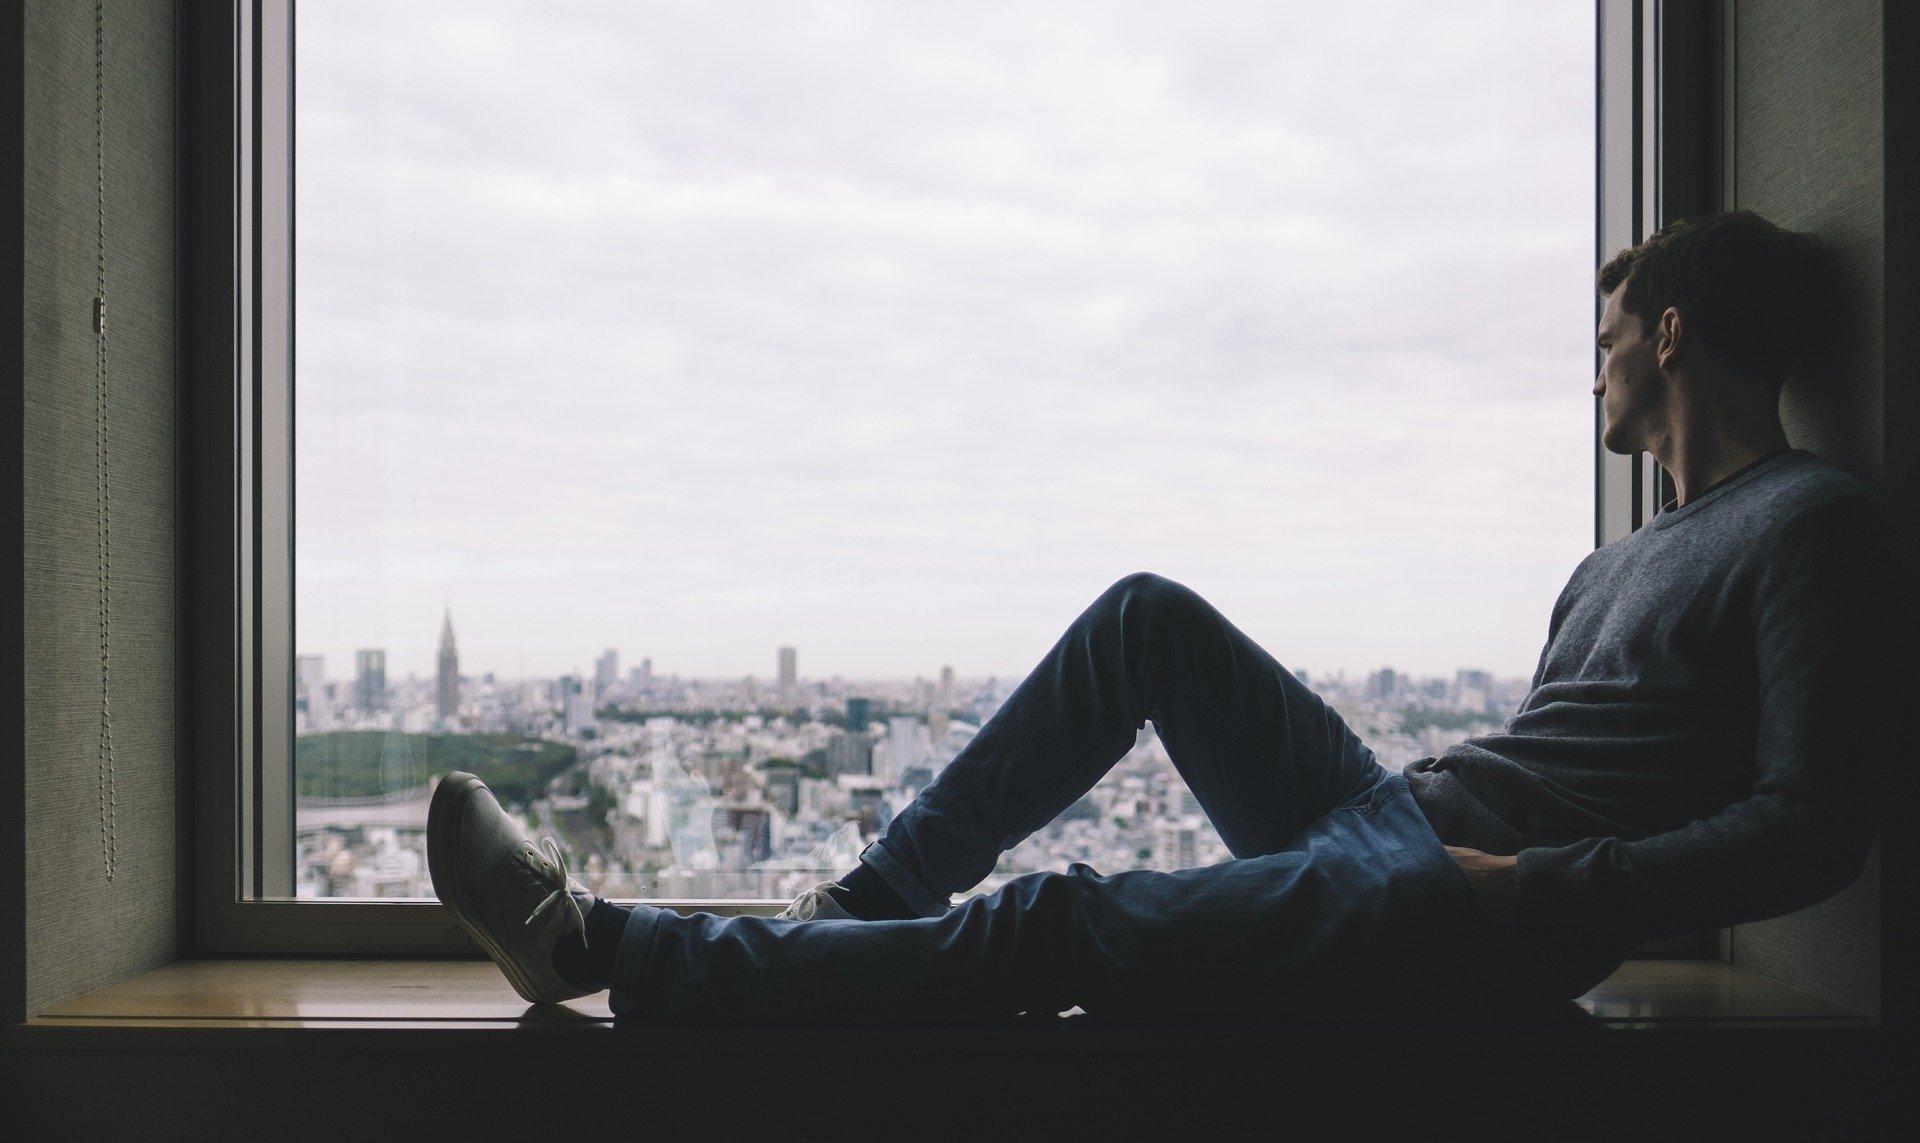 картинка сидящий мужчина у окна зову чекупила